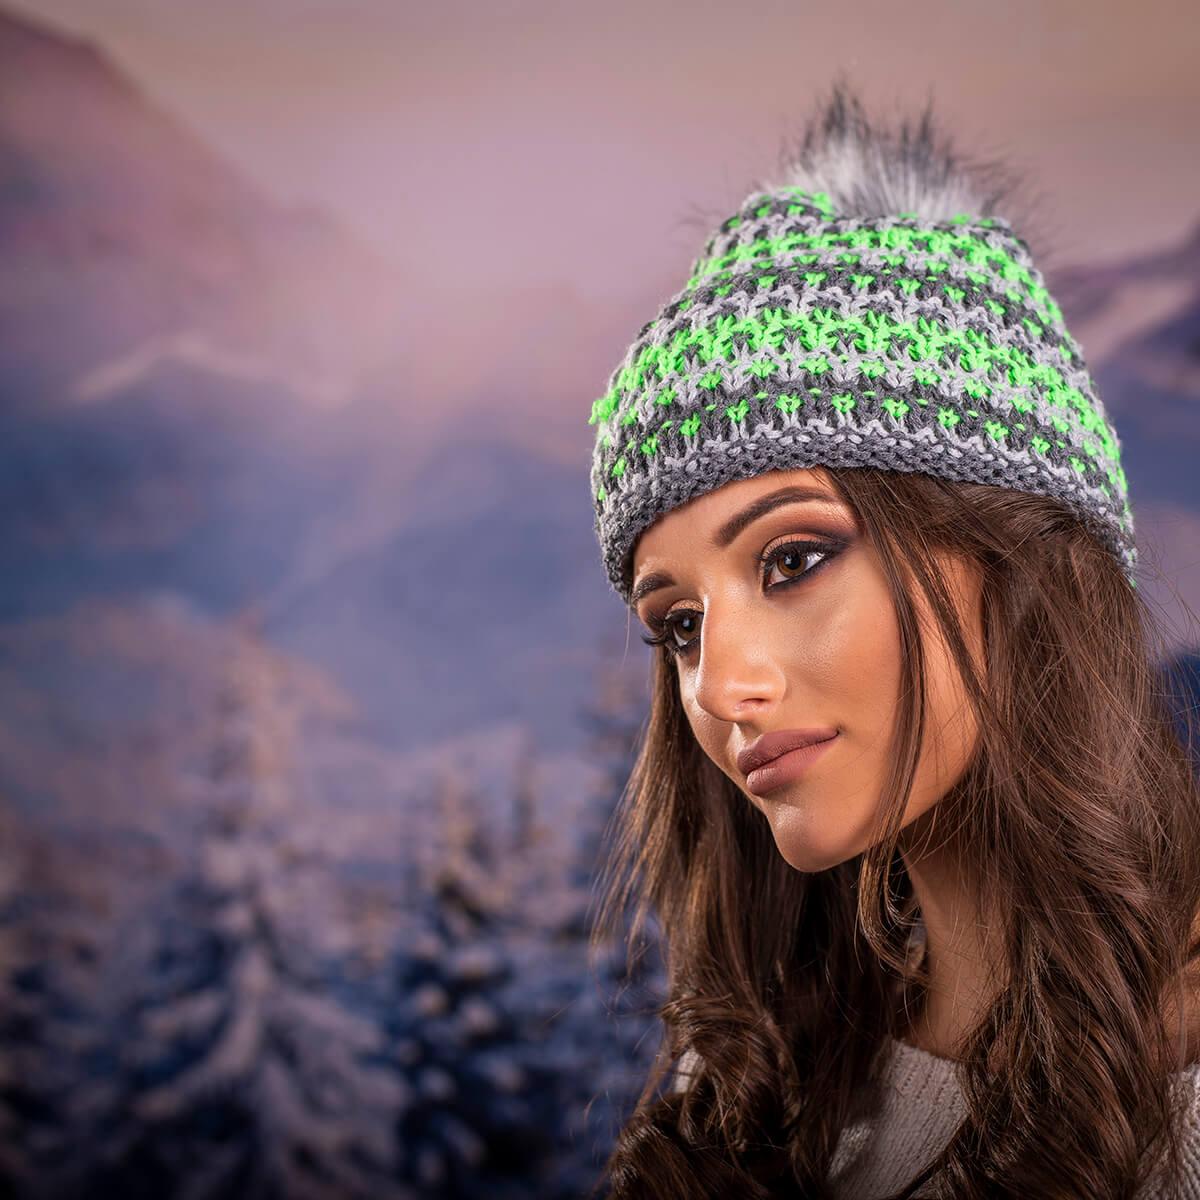 Дамска Зимна Шапка с Еко Пух в Сиво ,  Зелено и Бяло